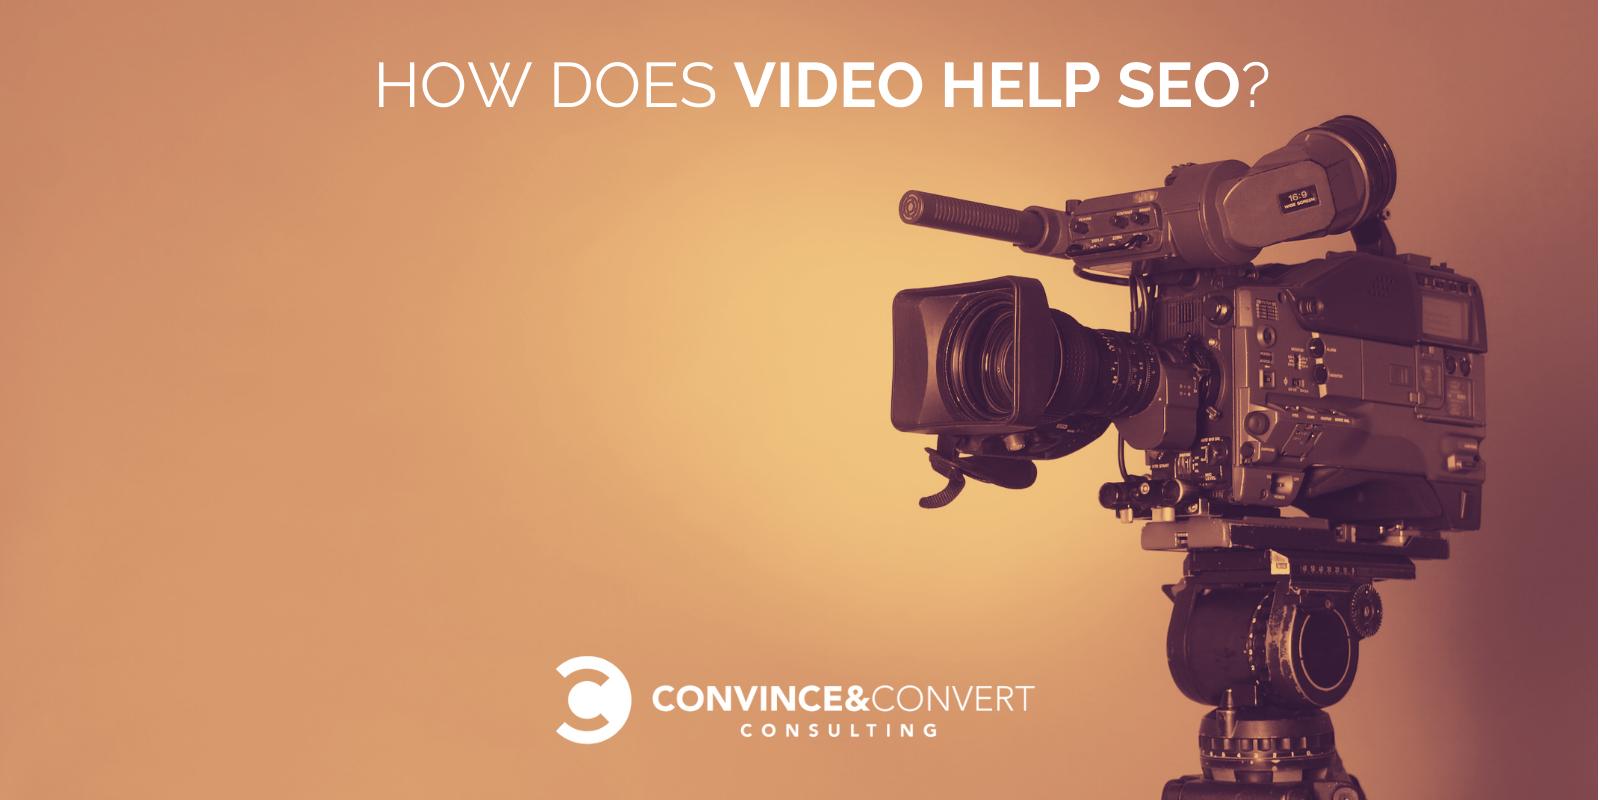 In che modo il video aiuta SEO?